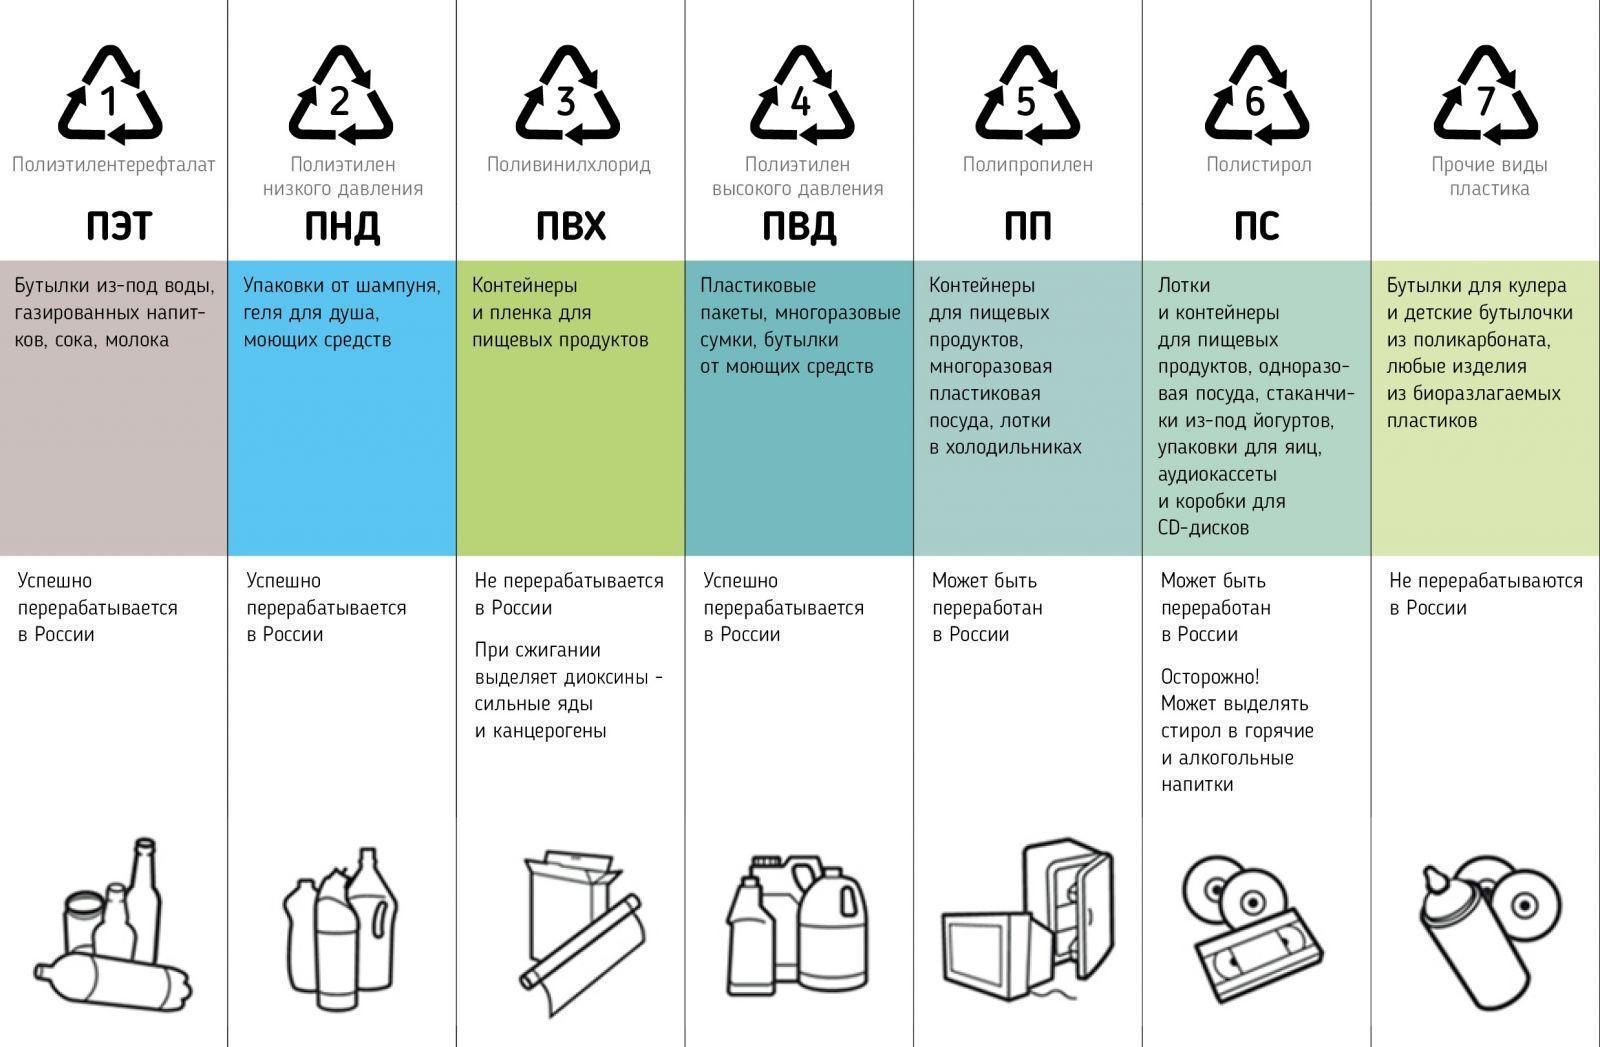 Sborbox. Как сортировать мусор (infografika)